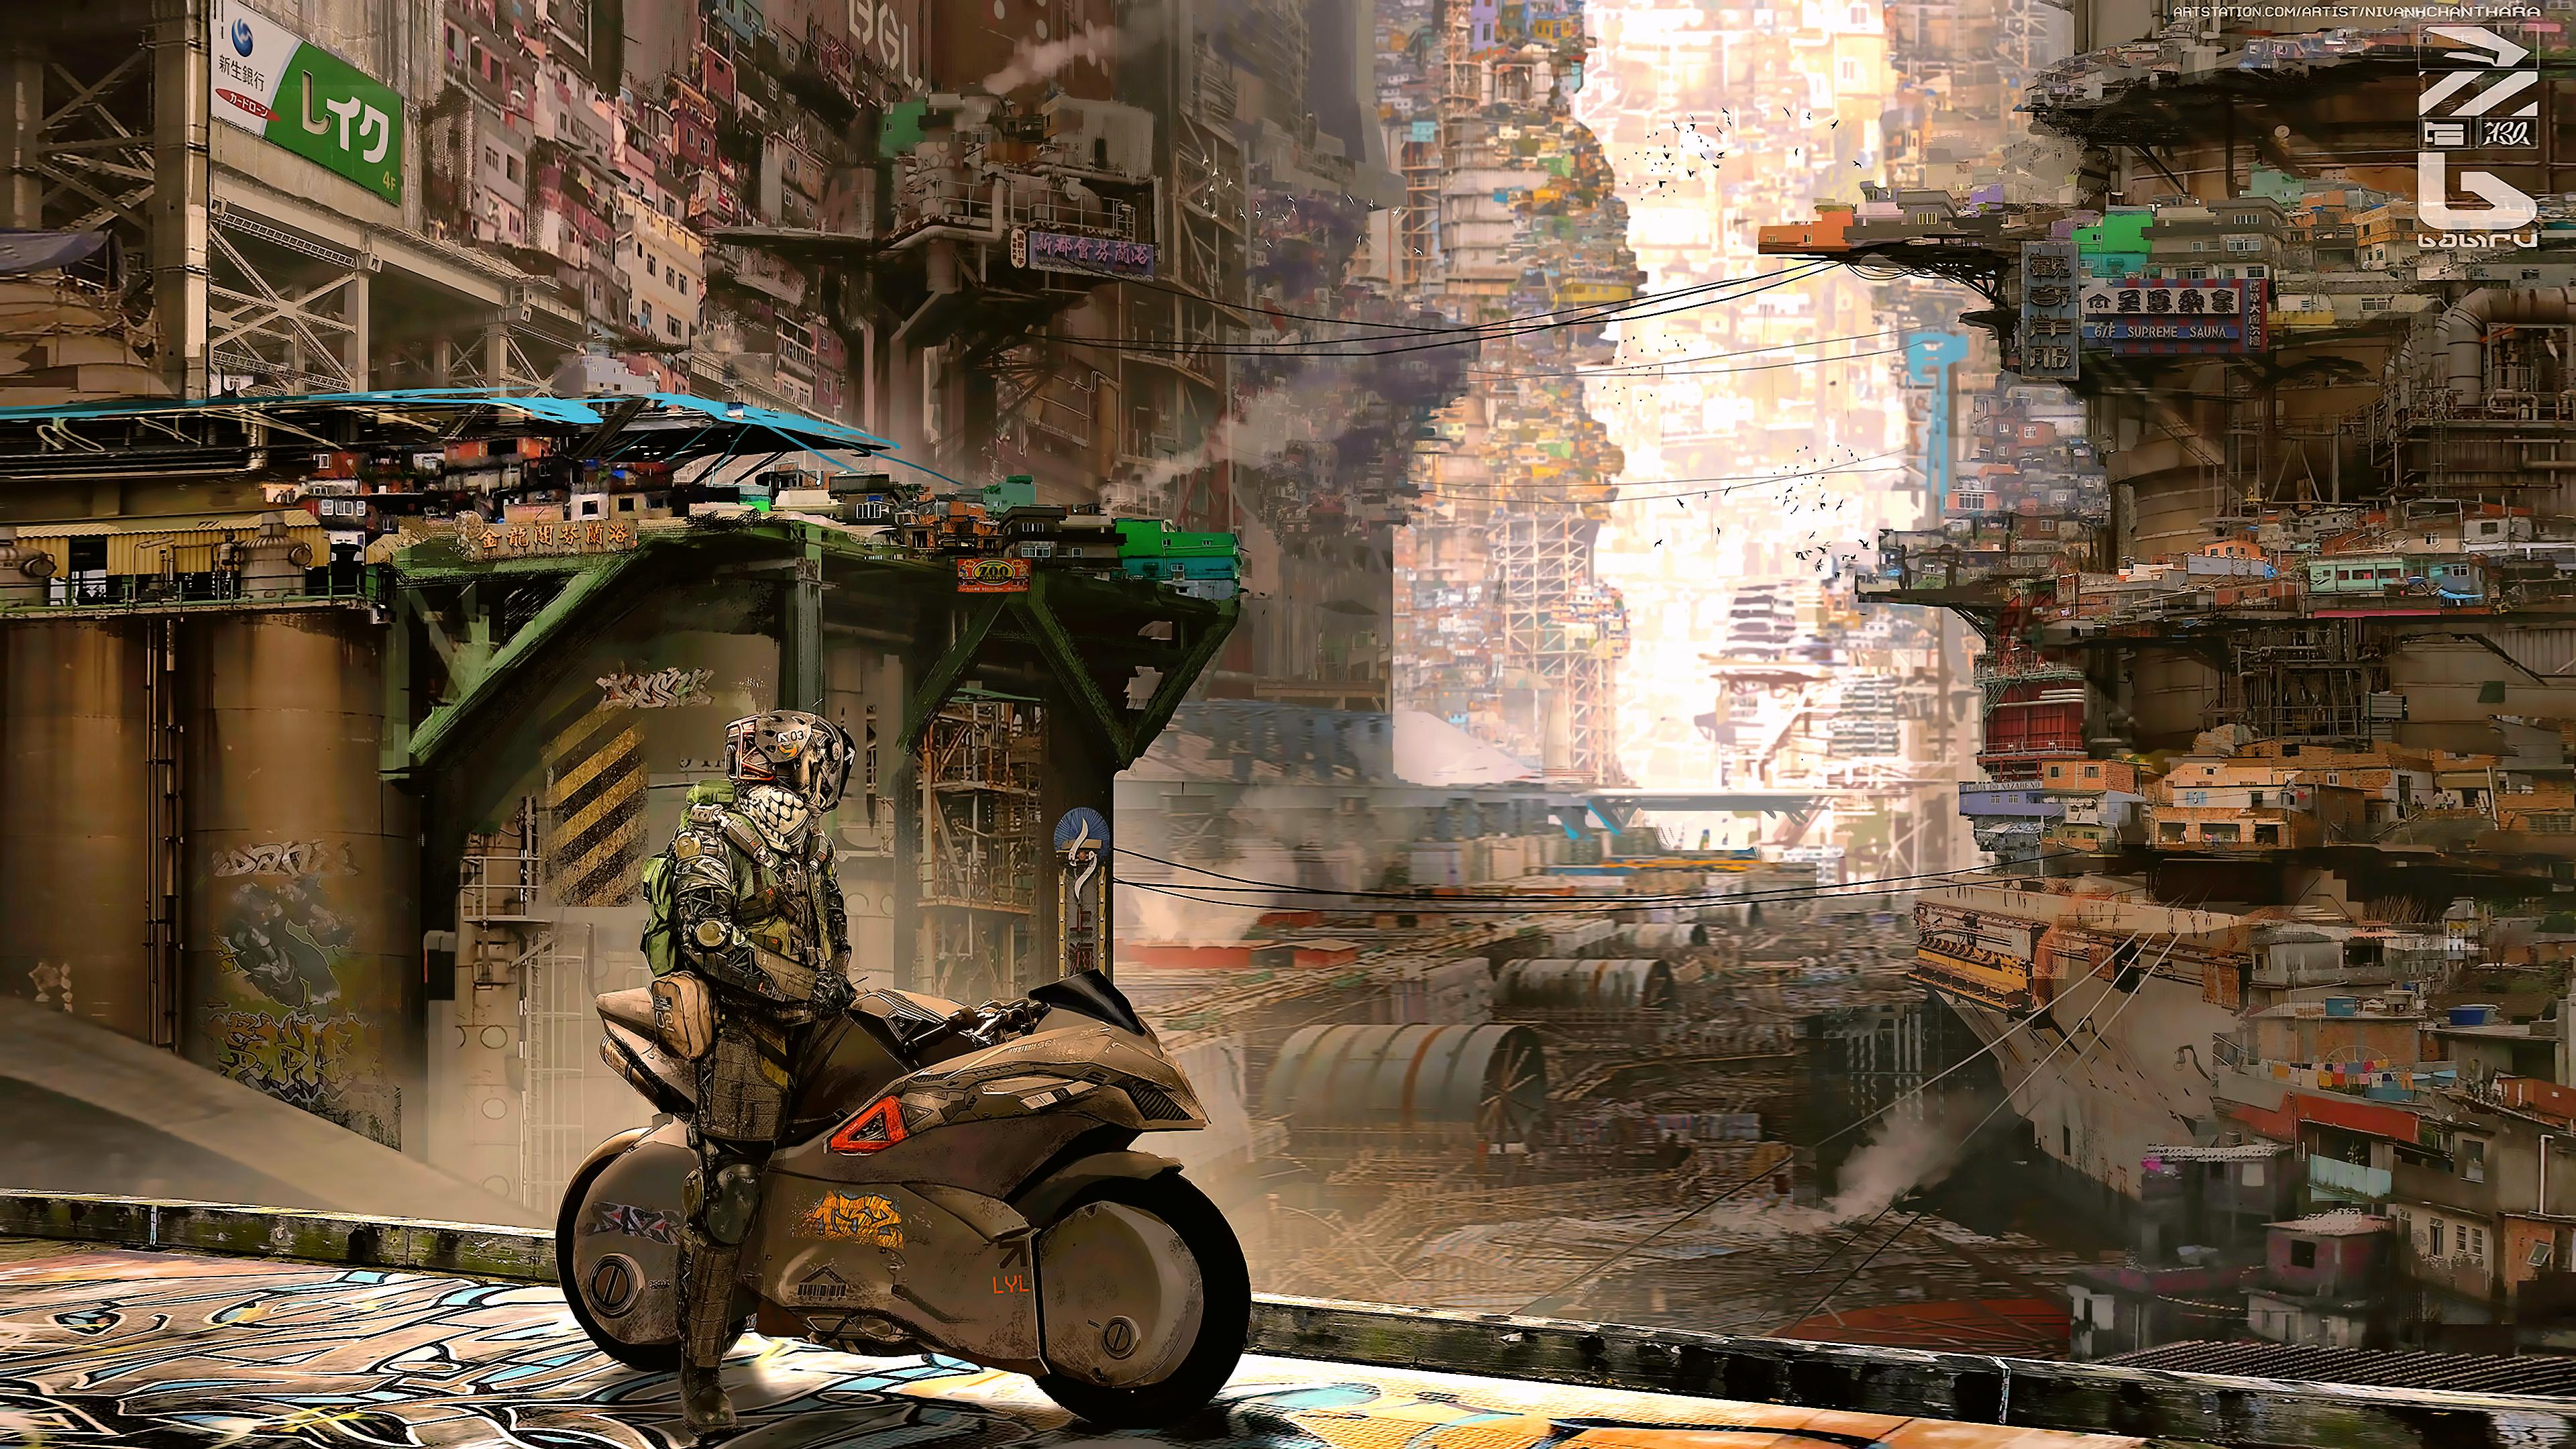 Cyber City Cyberpunk Science Fiction 4k, HD Artist, 4k ...